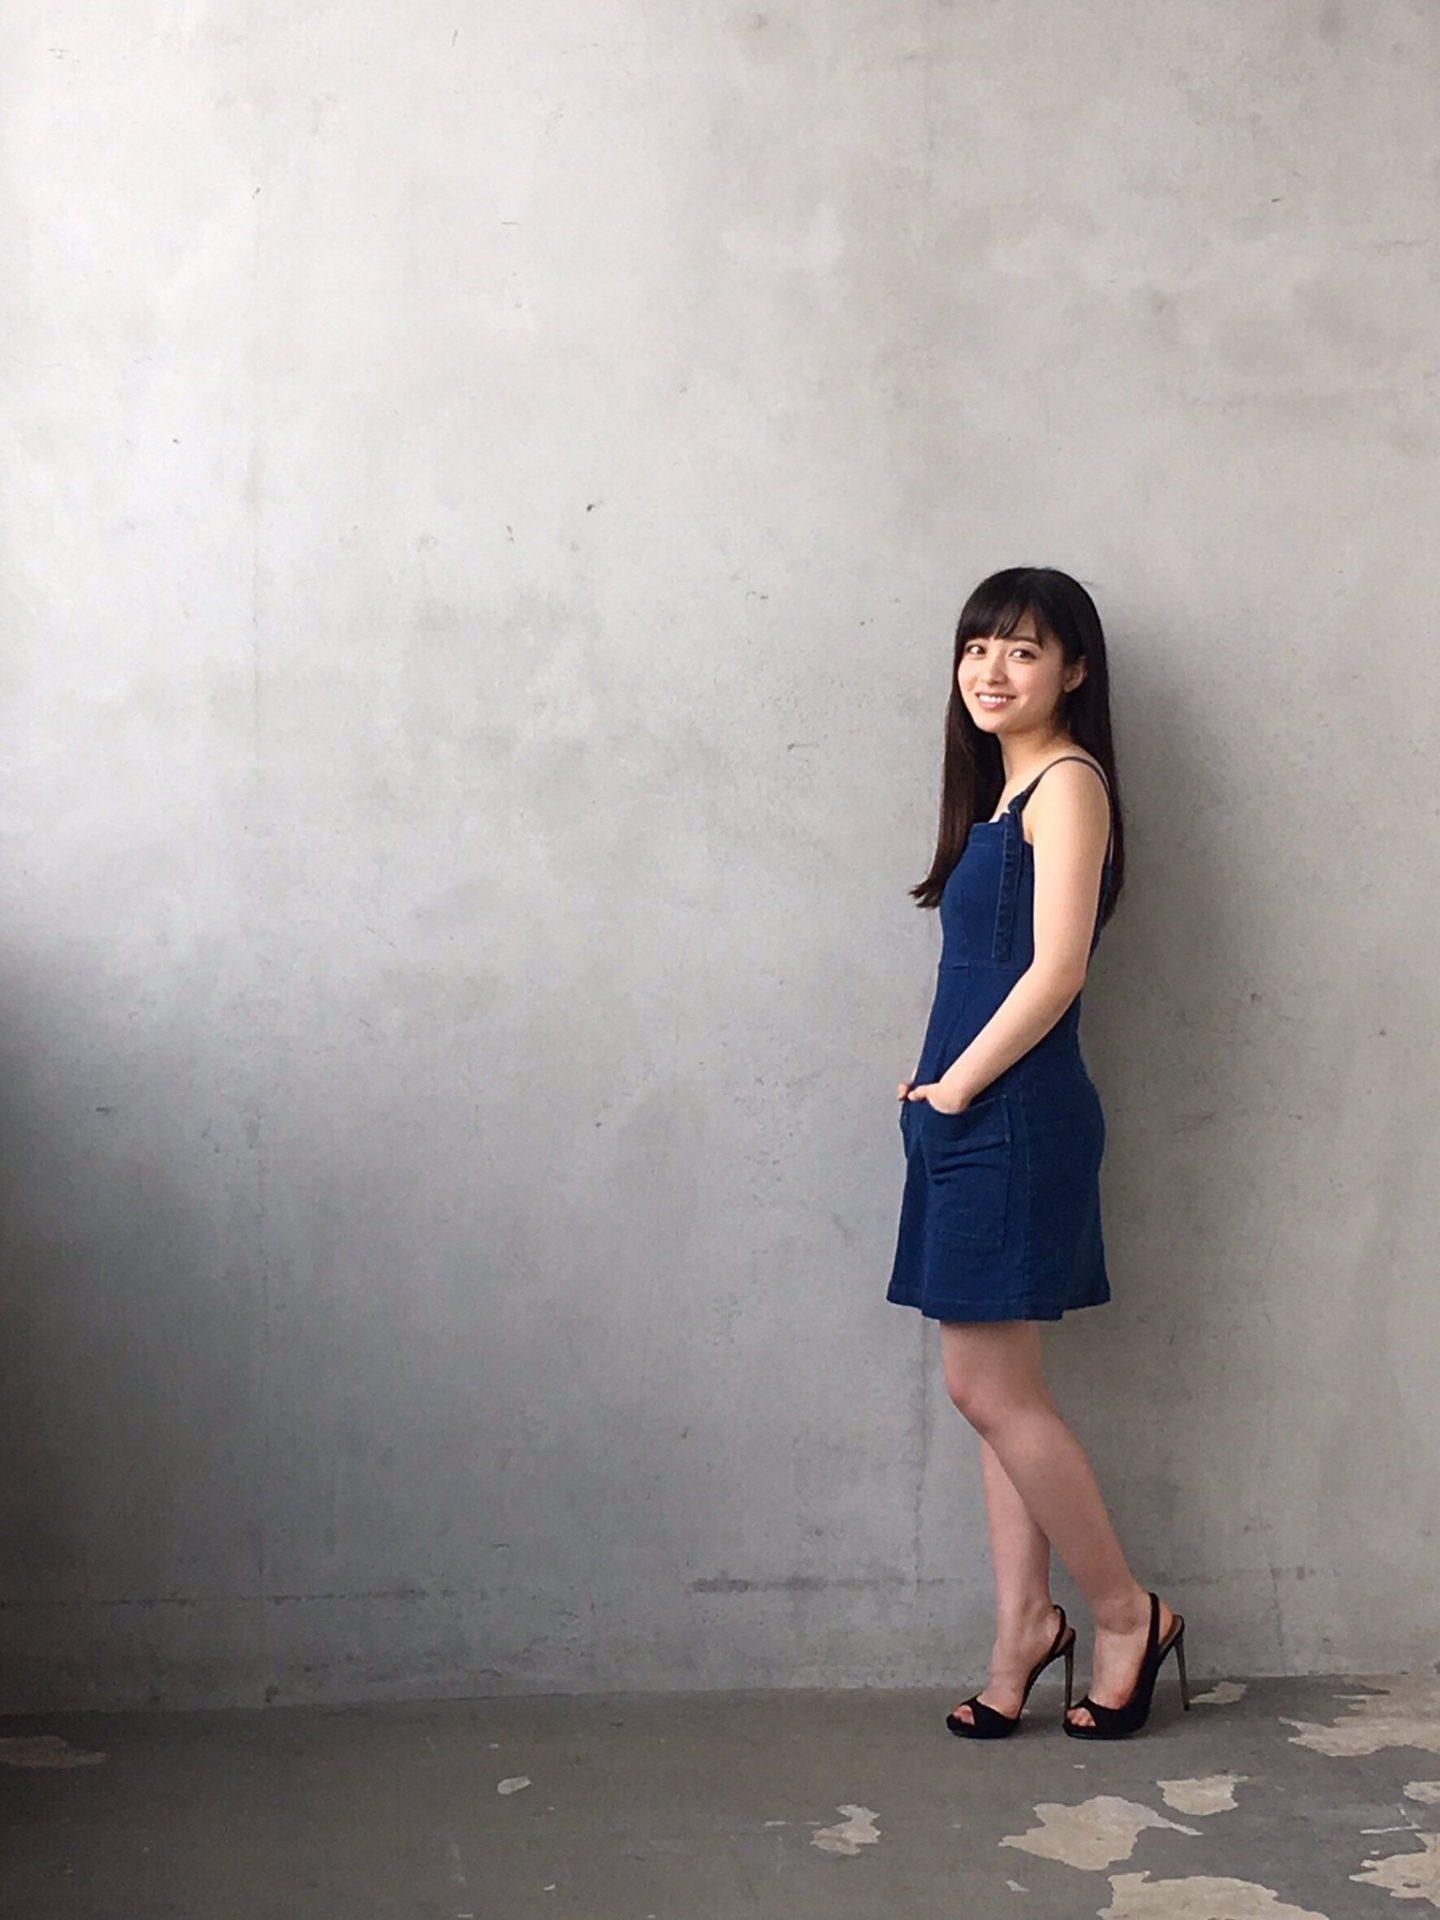 三次元 3次元 エロ画像 ハイヒール べっぴん娘通信 16